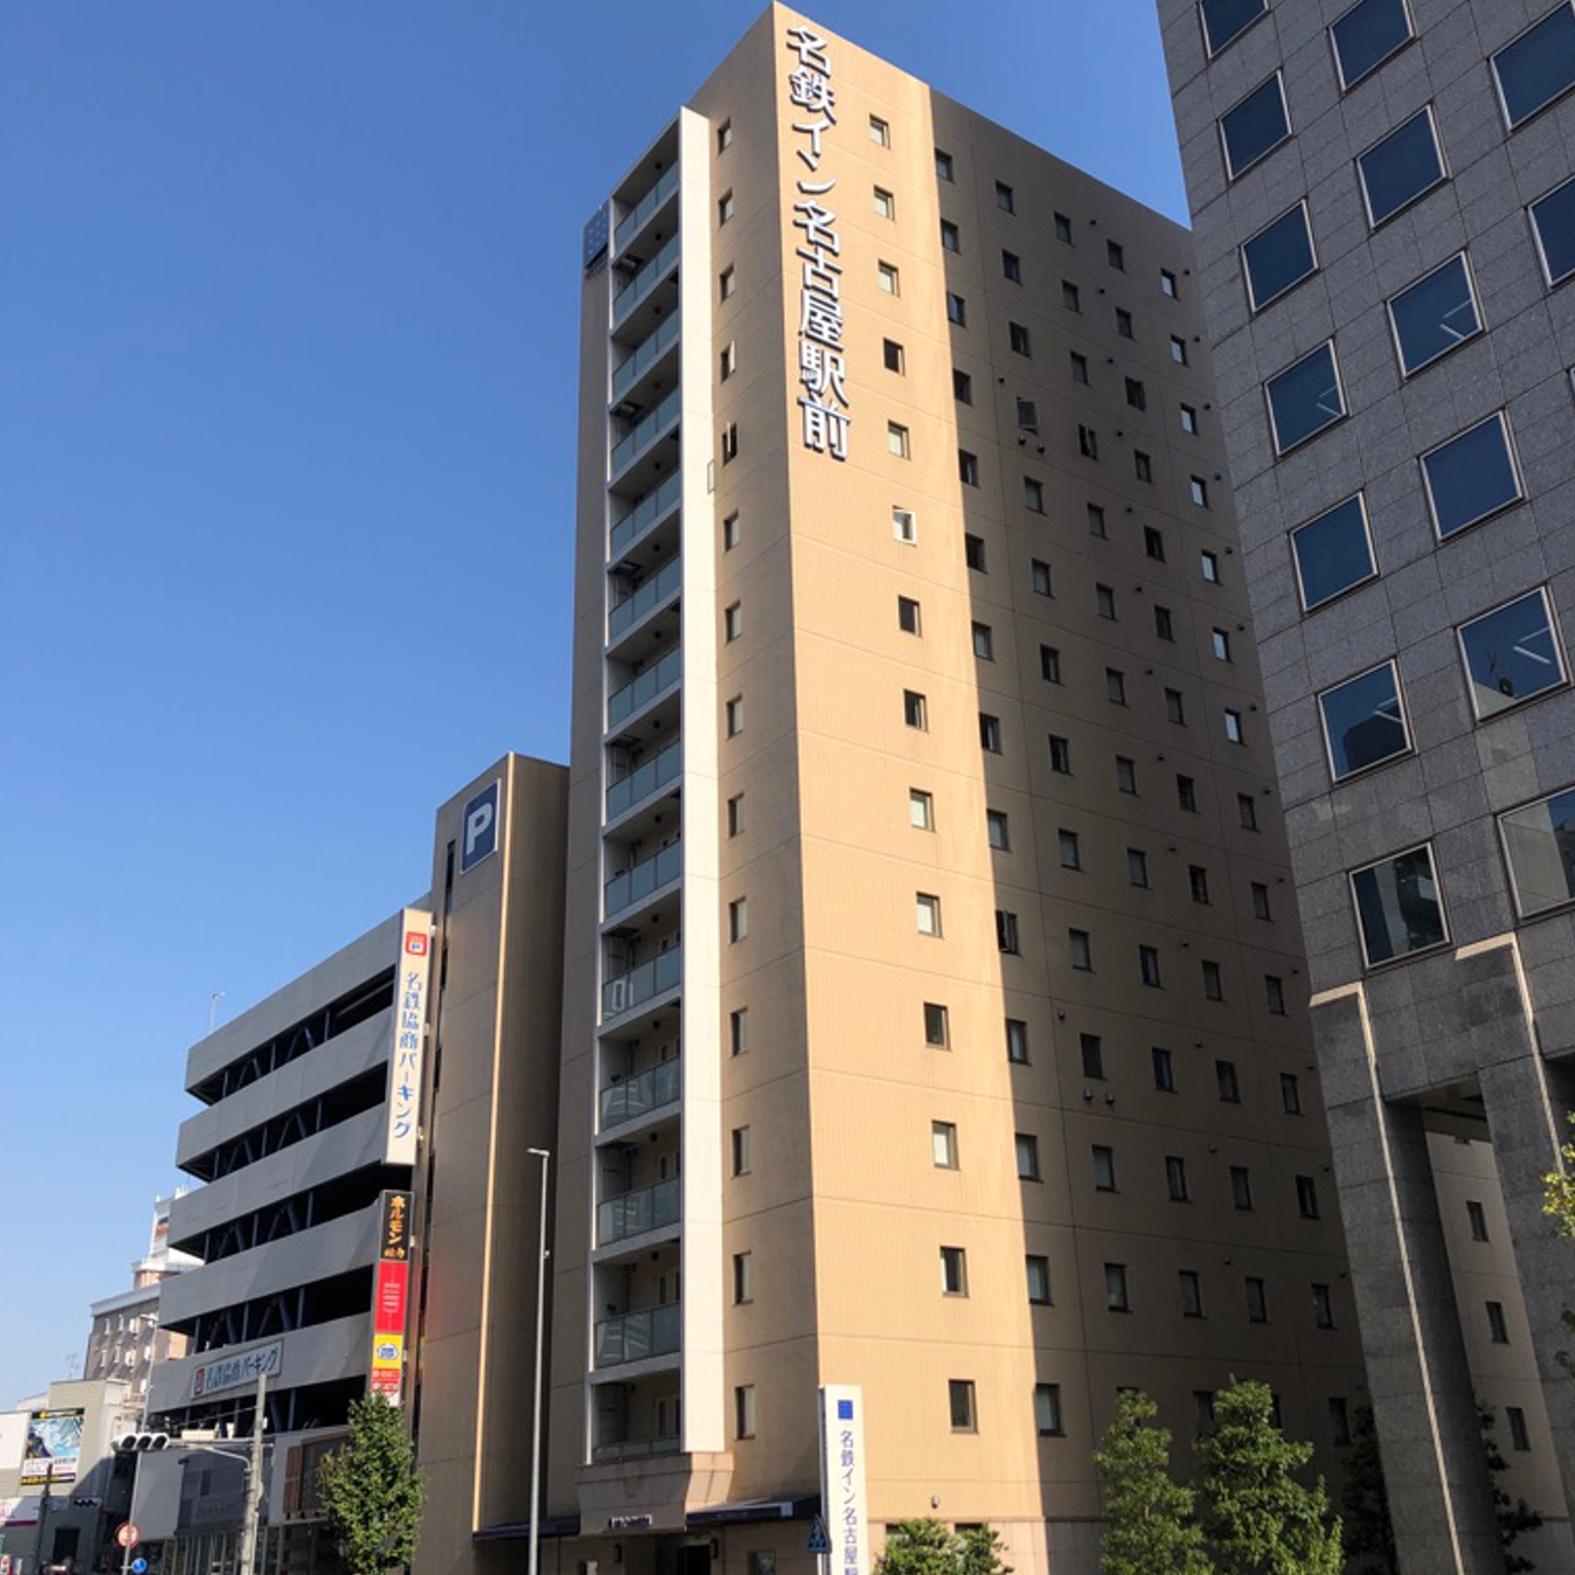 名鉄イン 名古屋駅前